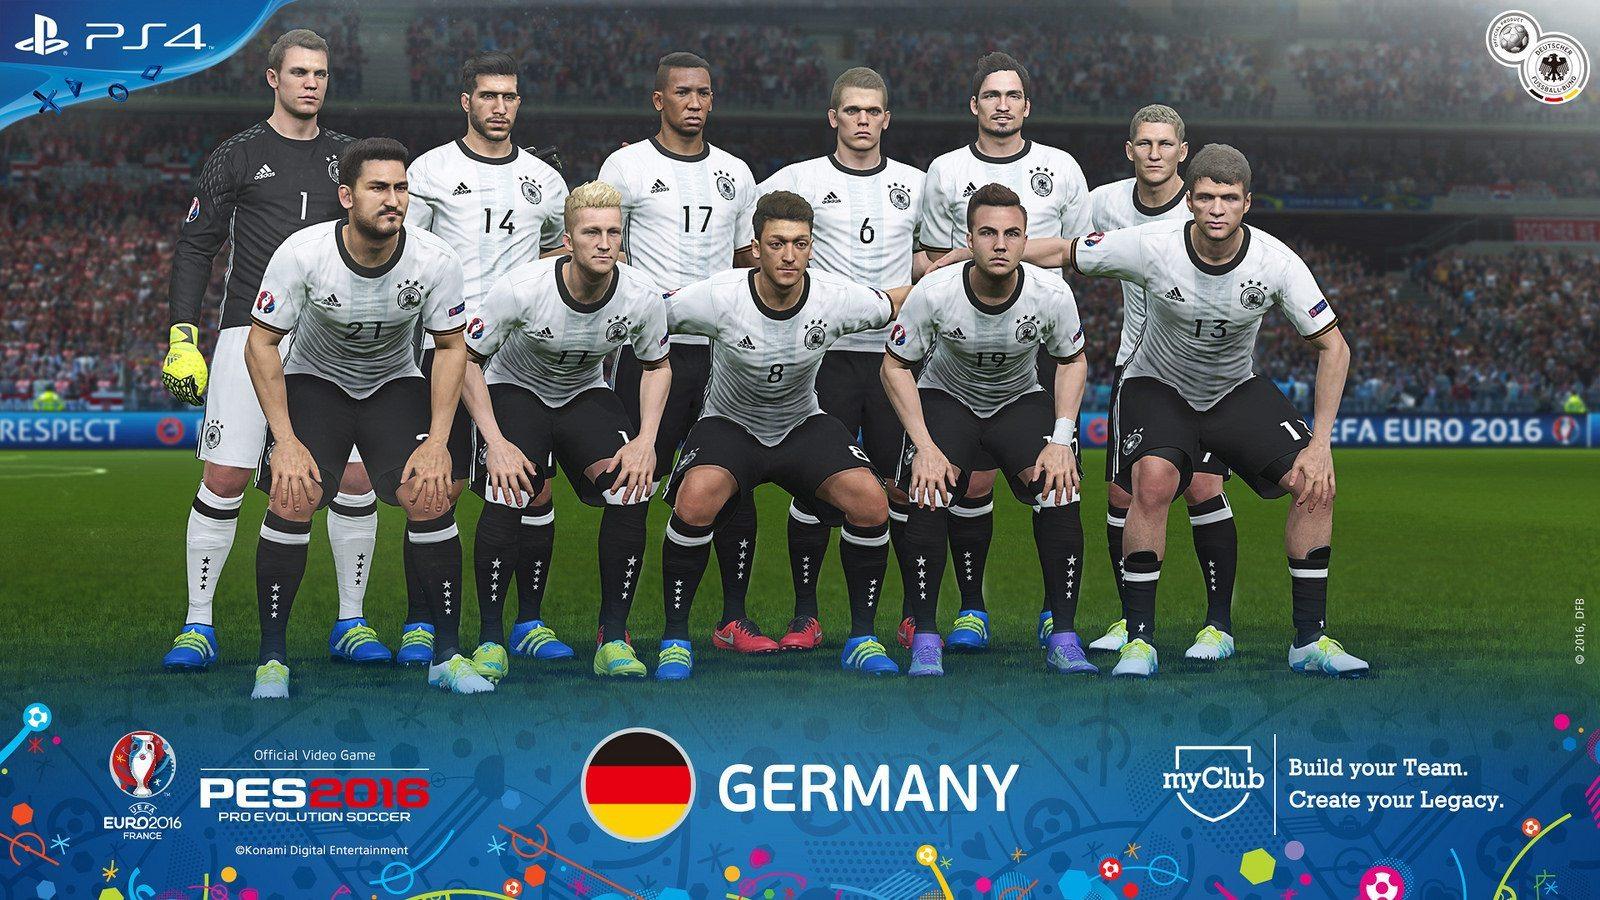 PES 2016 – UEFA Euro 2016 Germany